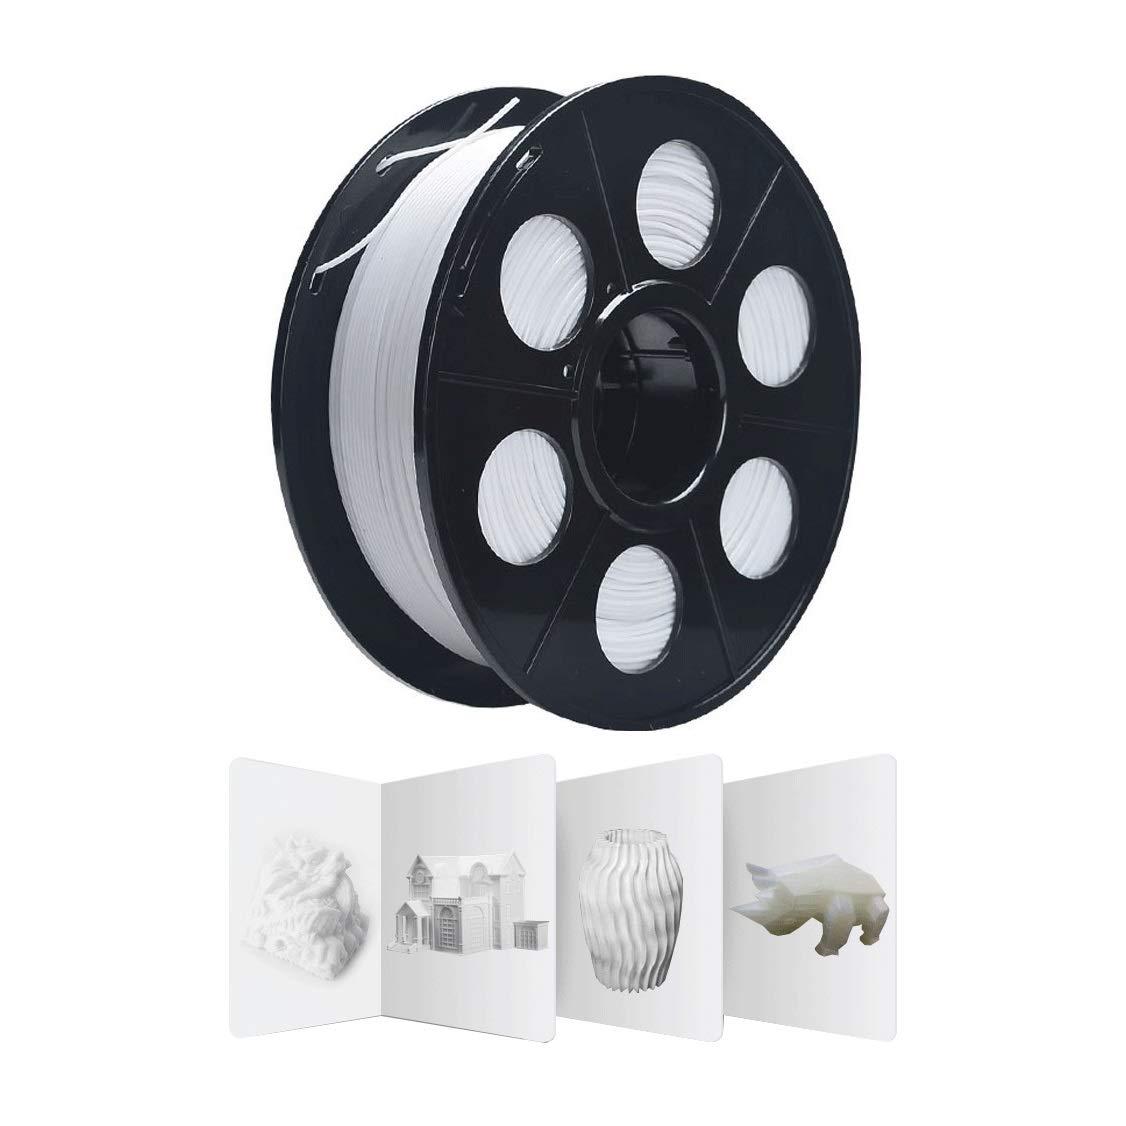 3D Filamento De Impresión/Nylon Filamento 1.75 Mm/Material De ...